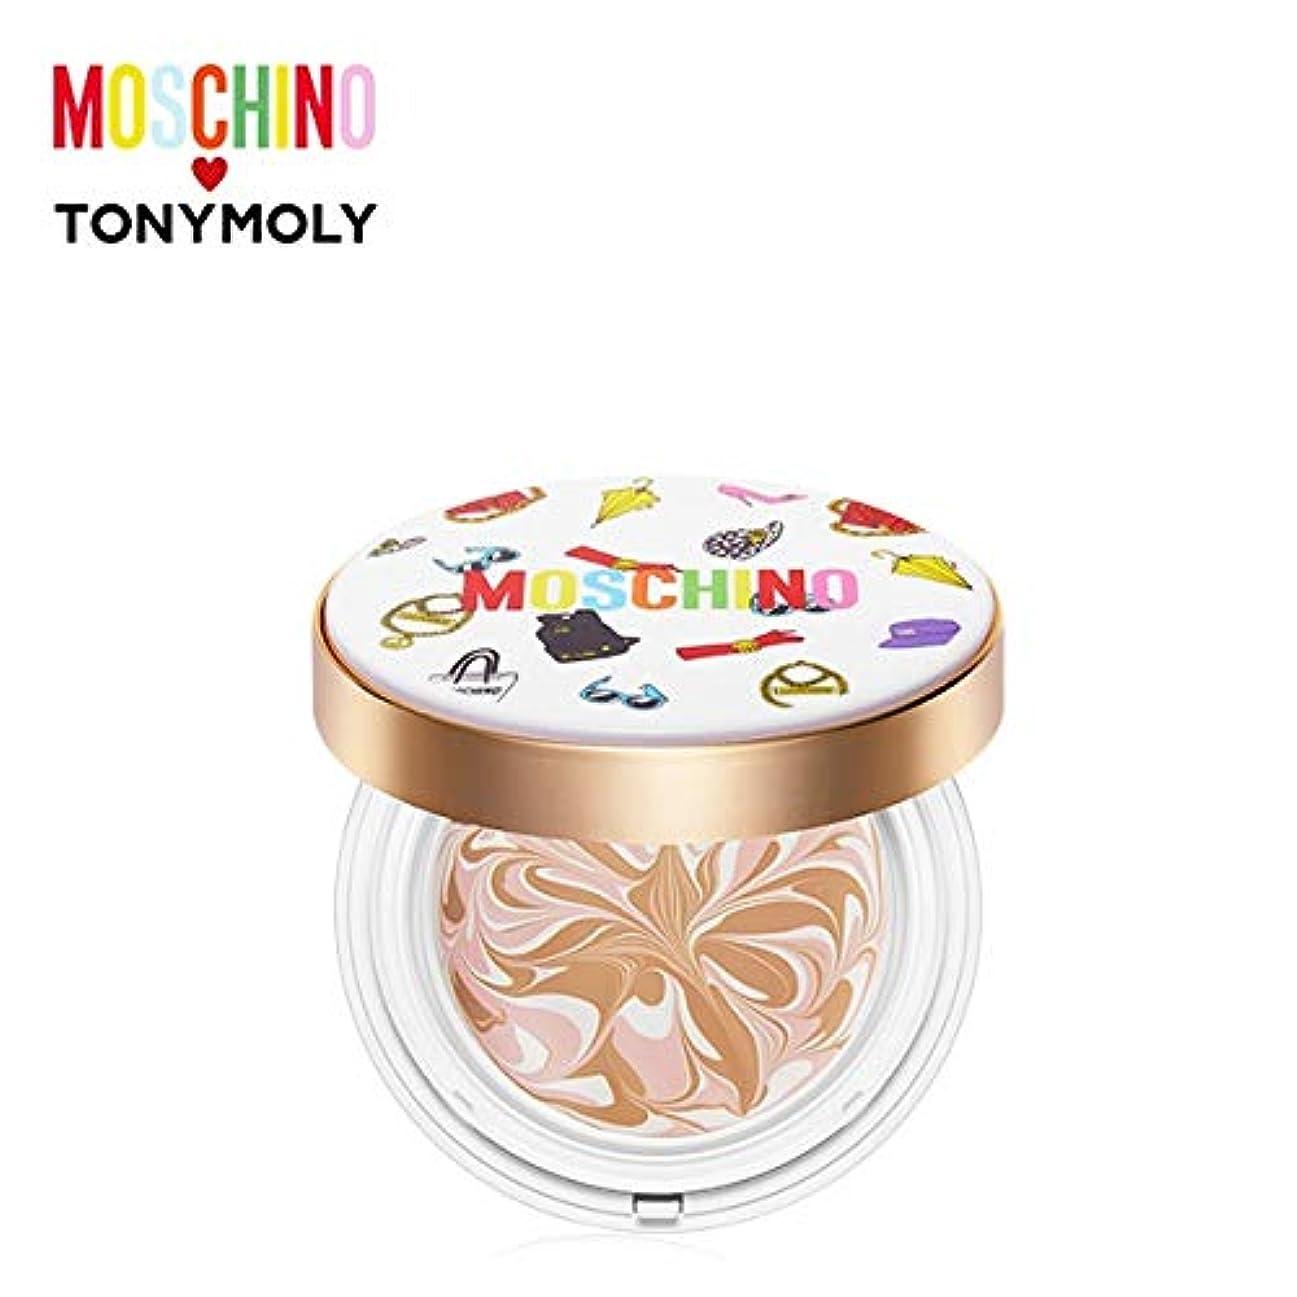 ルーキー特別なバウンストニーモリー [モスキーノ] シック スキン エッセンス パクト 18g TONYMOLY [MOSCHINO] Chic Skin Essence Pact #01 CHIC VANILLA [並行輸入品]